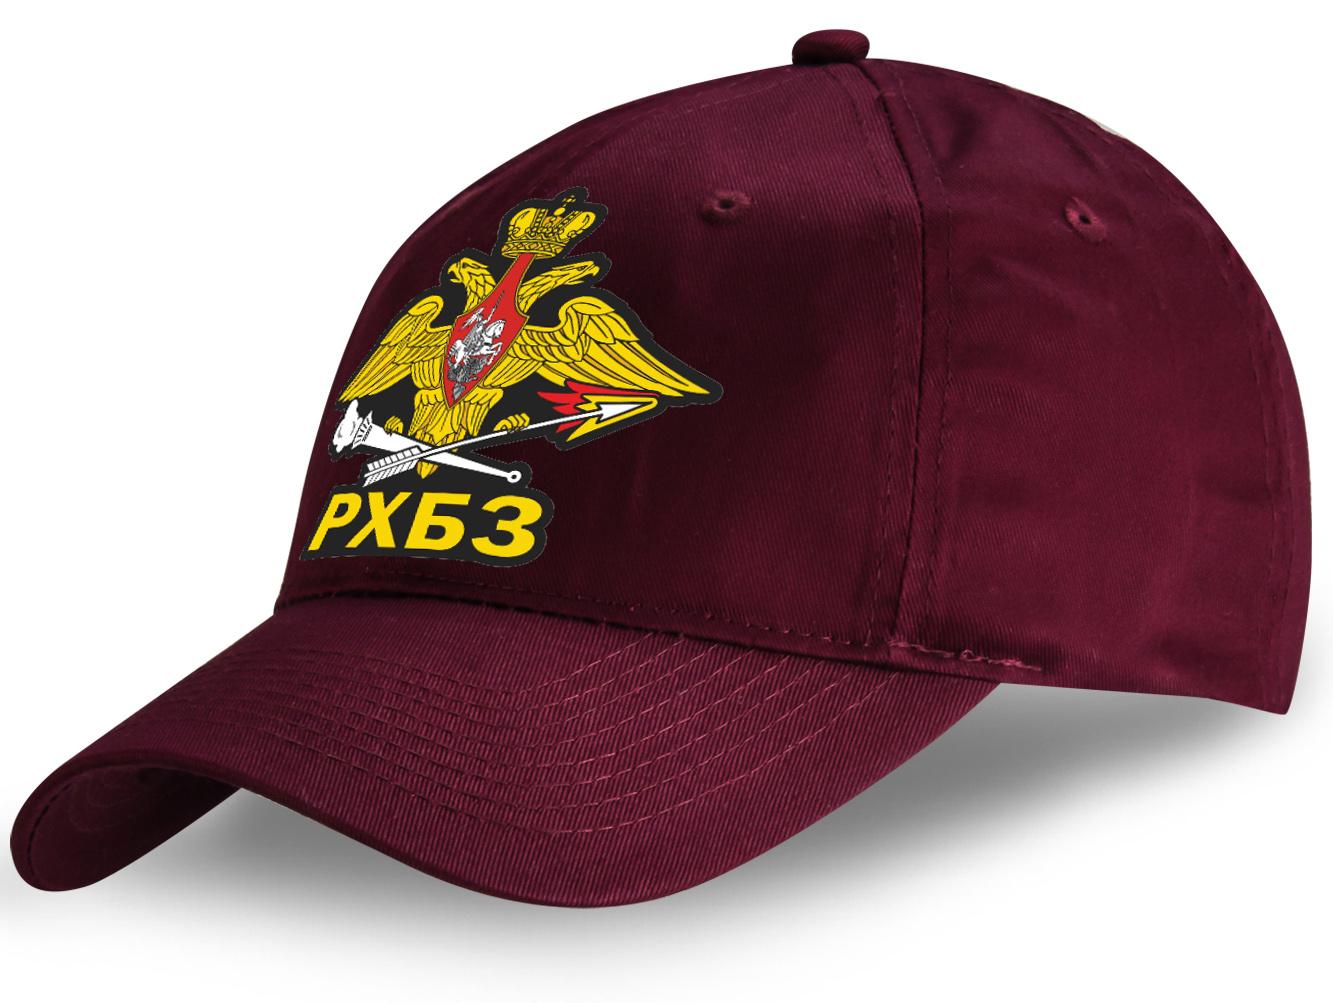 Патриотичная кепка с наклейкой РХБЗ